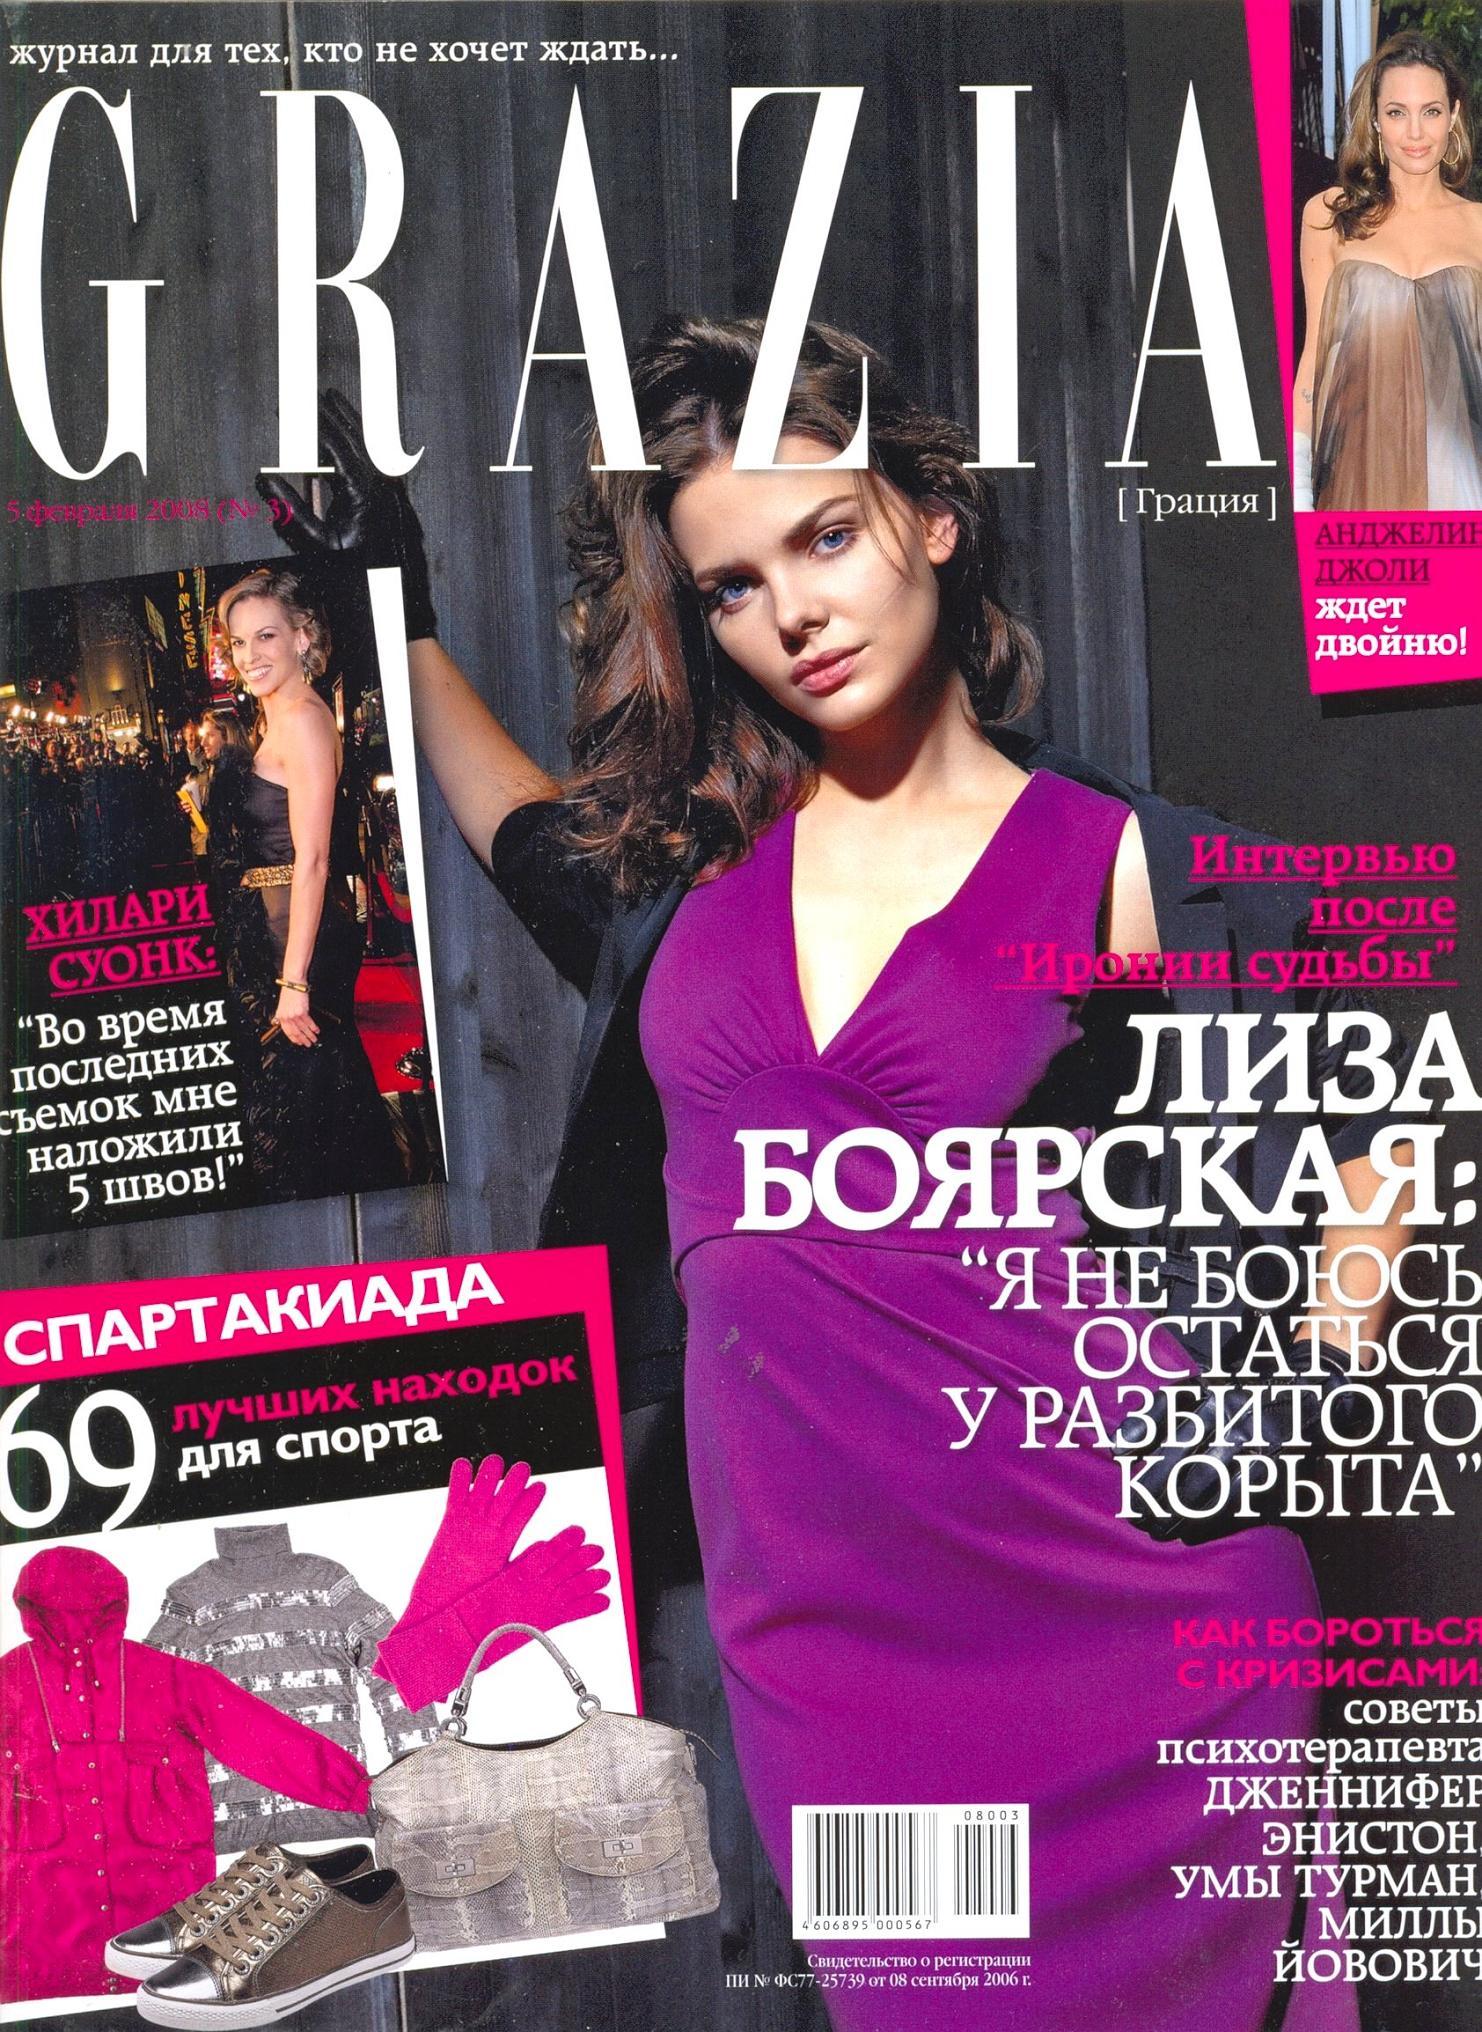 Лиза Боярская - Liza Boyarskaya фото 253712.